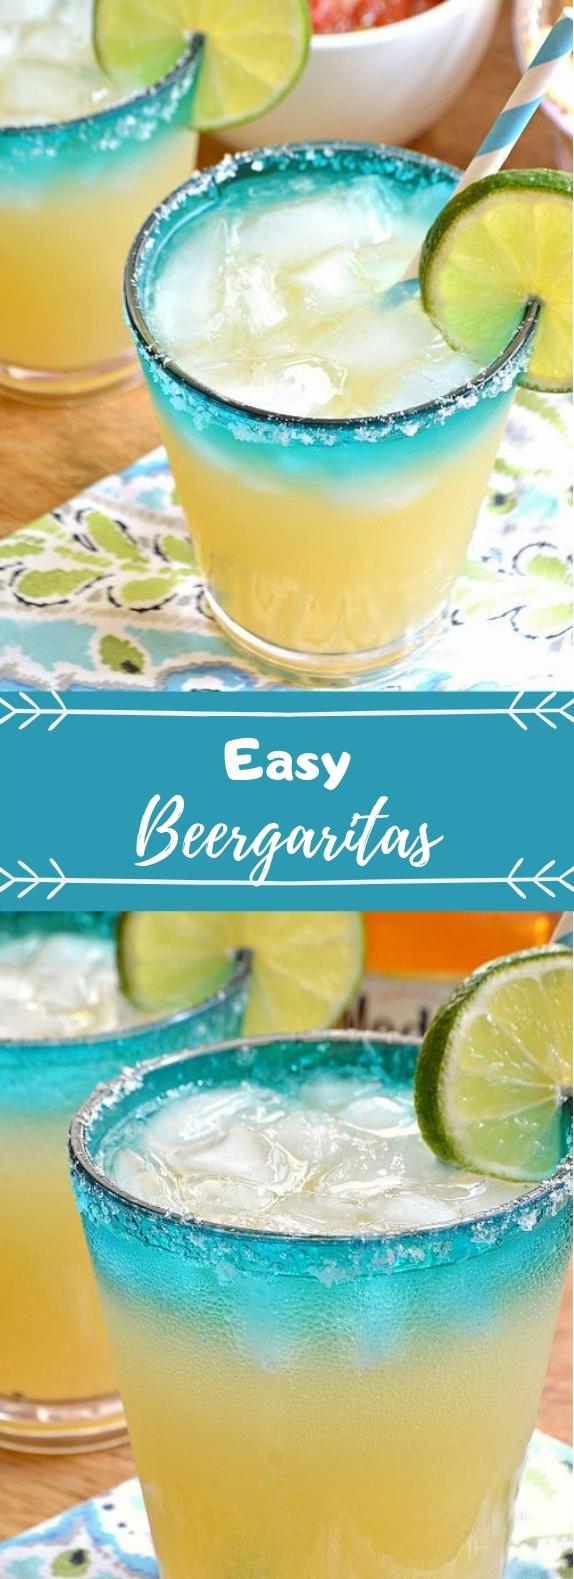 Easy Beergaritas #beer #drink